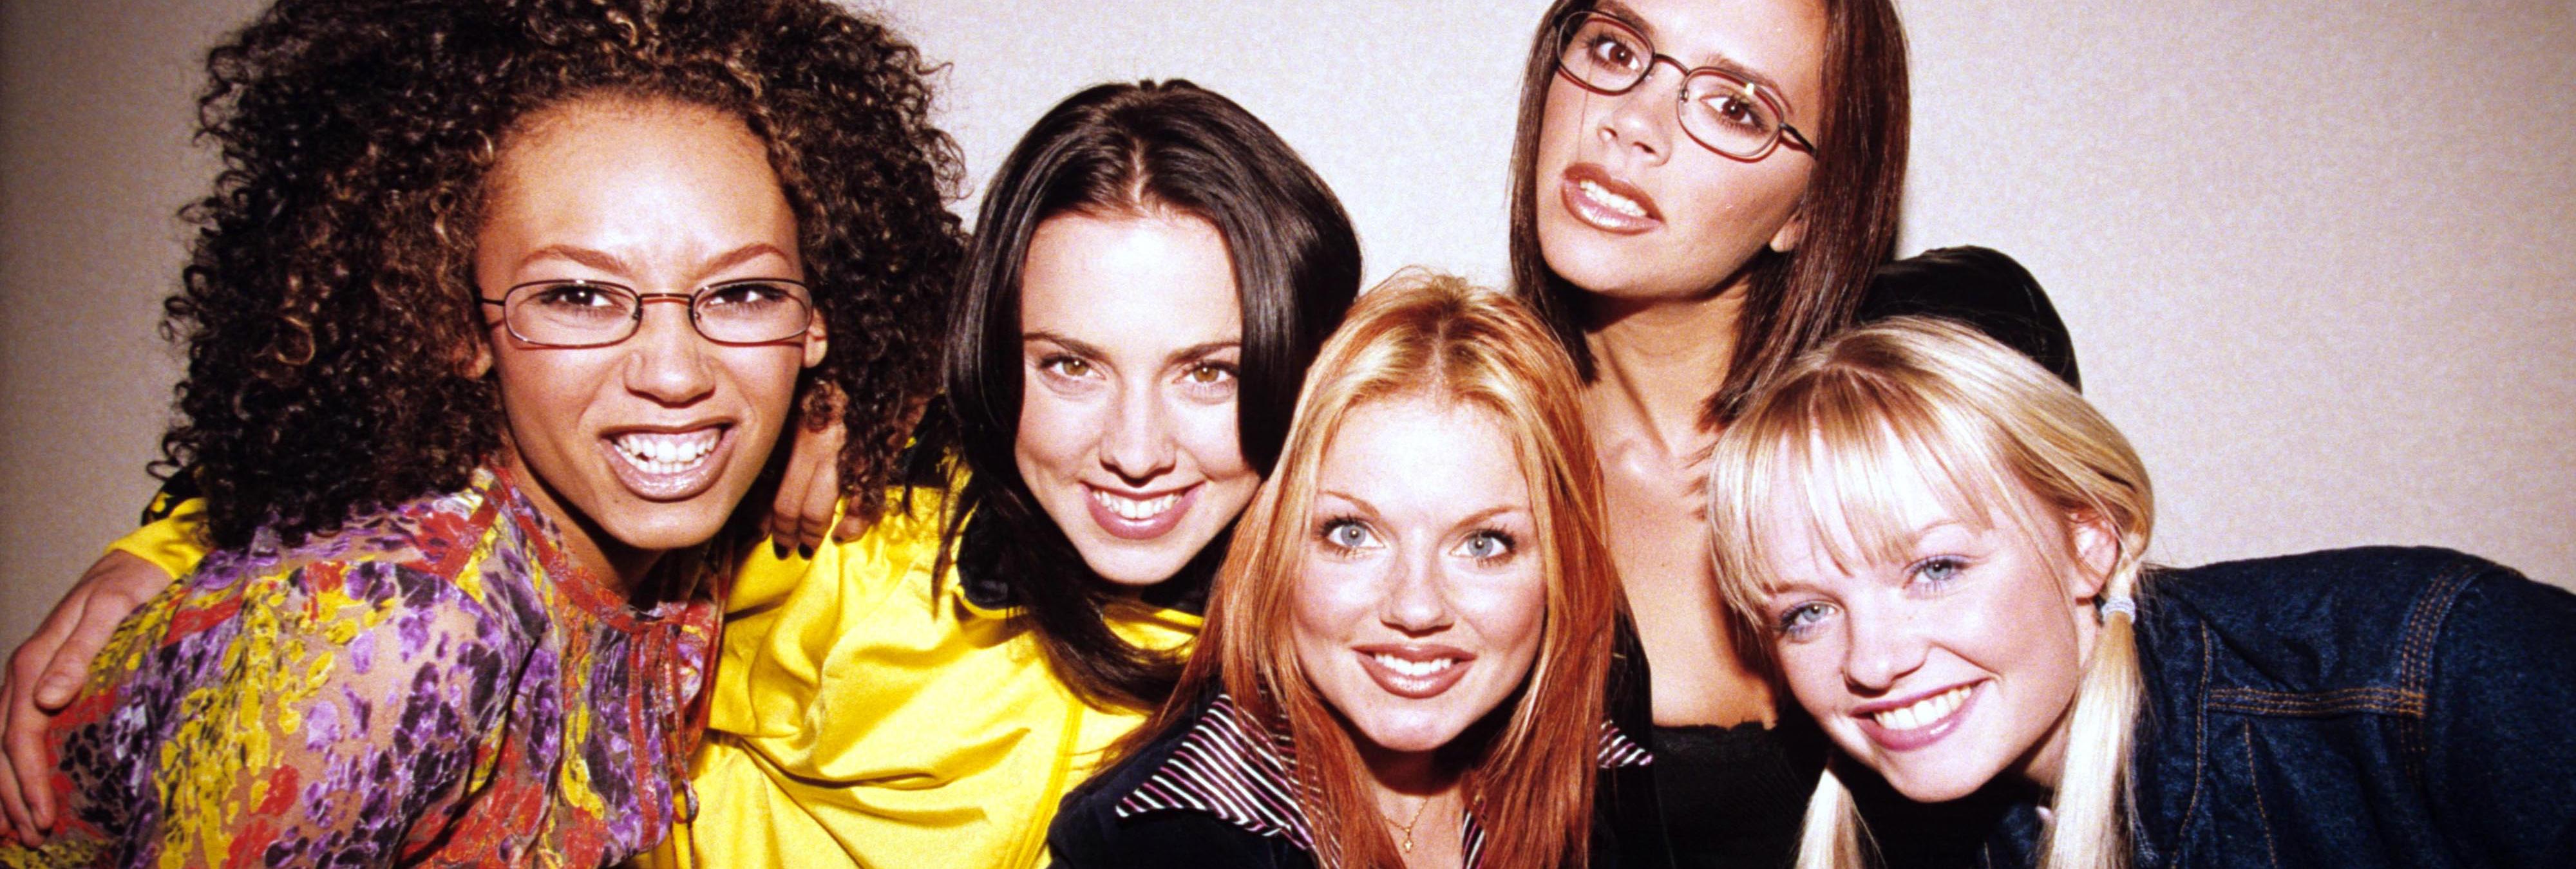 La reedición del 'Wannabe' de las Spice Girls que denuncia la desigualdad femenina